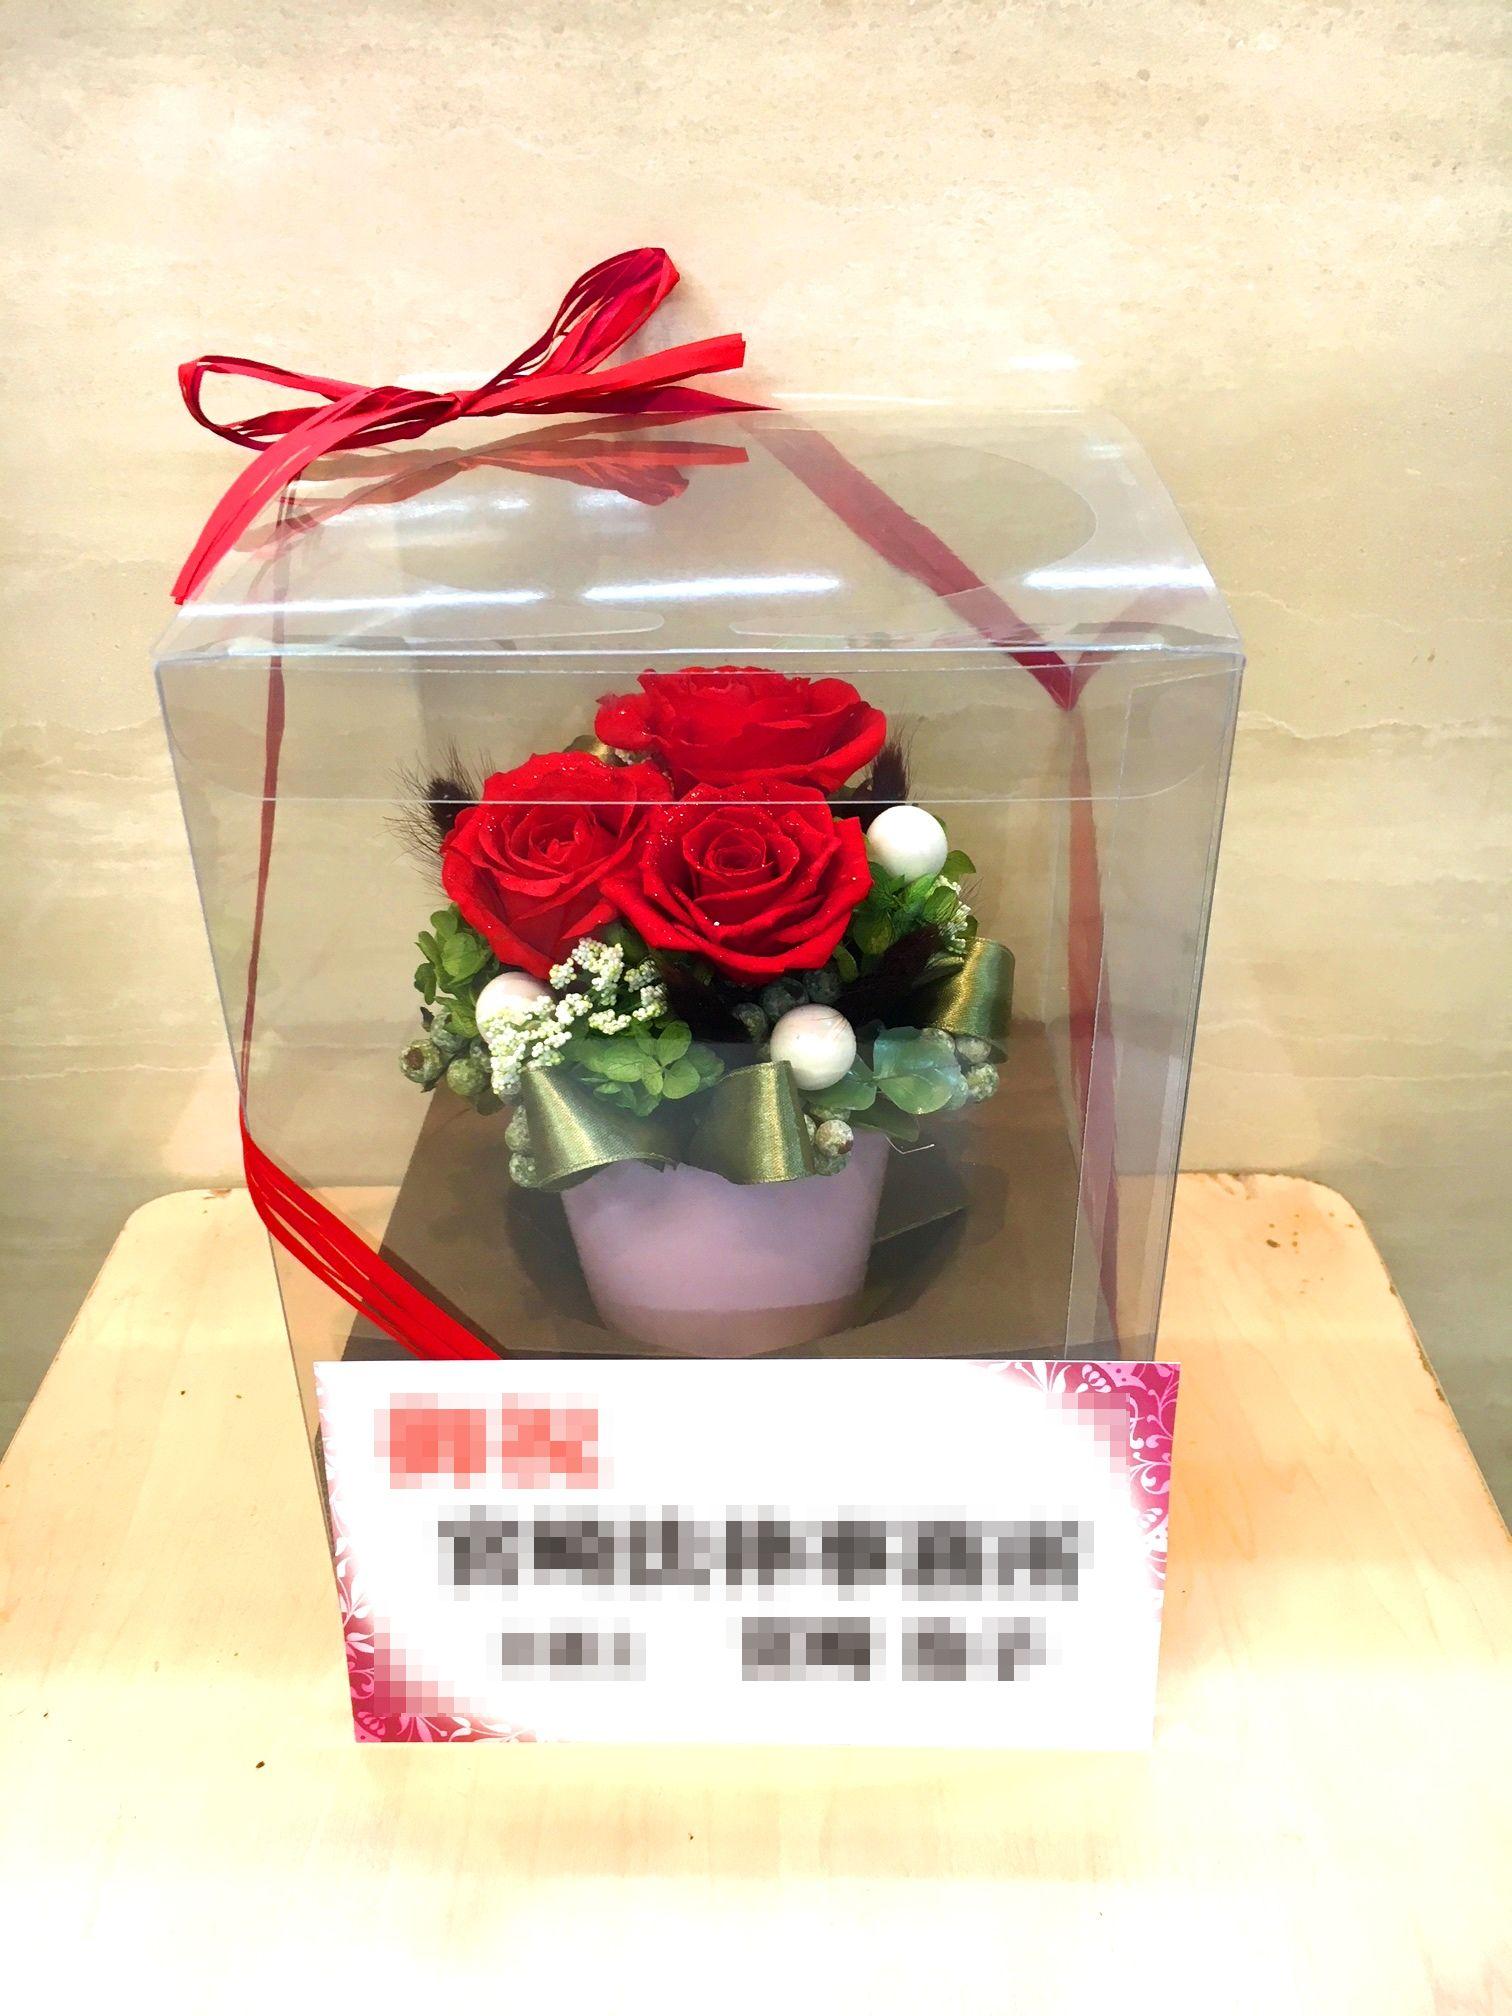 【お花納品事例8】東京都千代田区の法律事務所様にプリザーブドフラワーを納品しました!